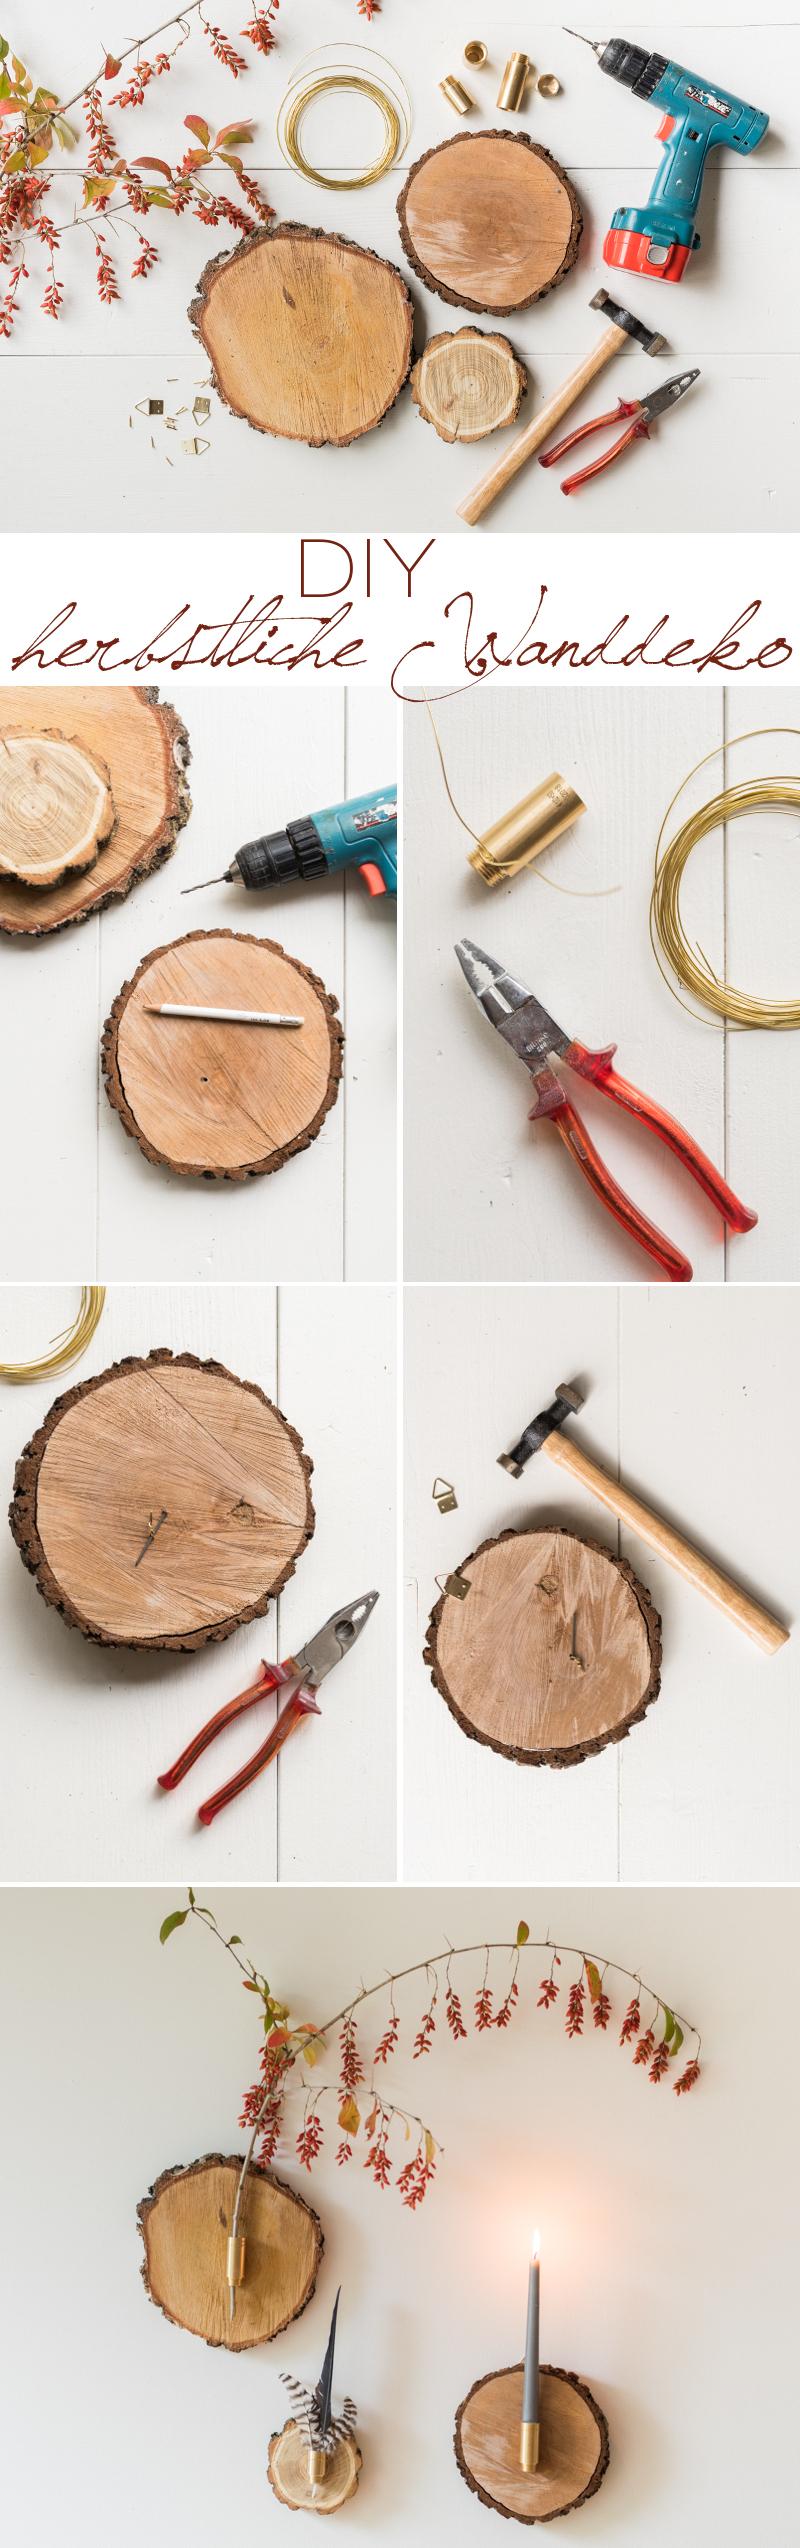 Anleitung für selbst gemachte DIY Deko für die Wand aus Baumscheiben mit Federn und Zweigen als herbstliche Wanddeko für das Wohnzimmer